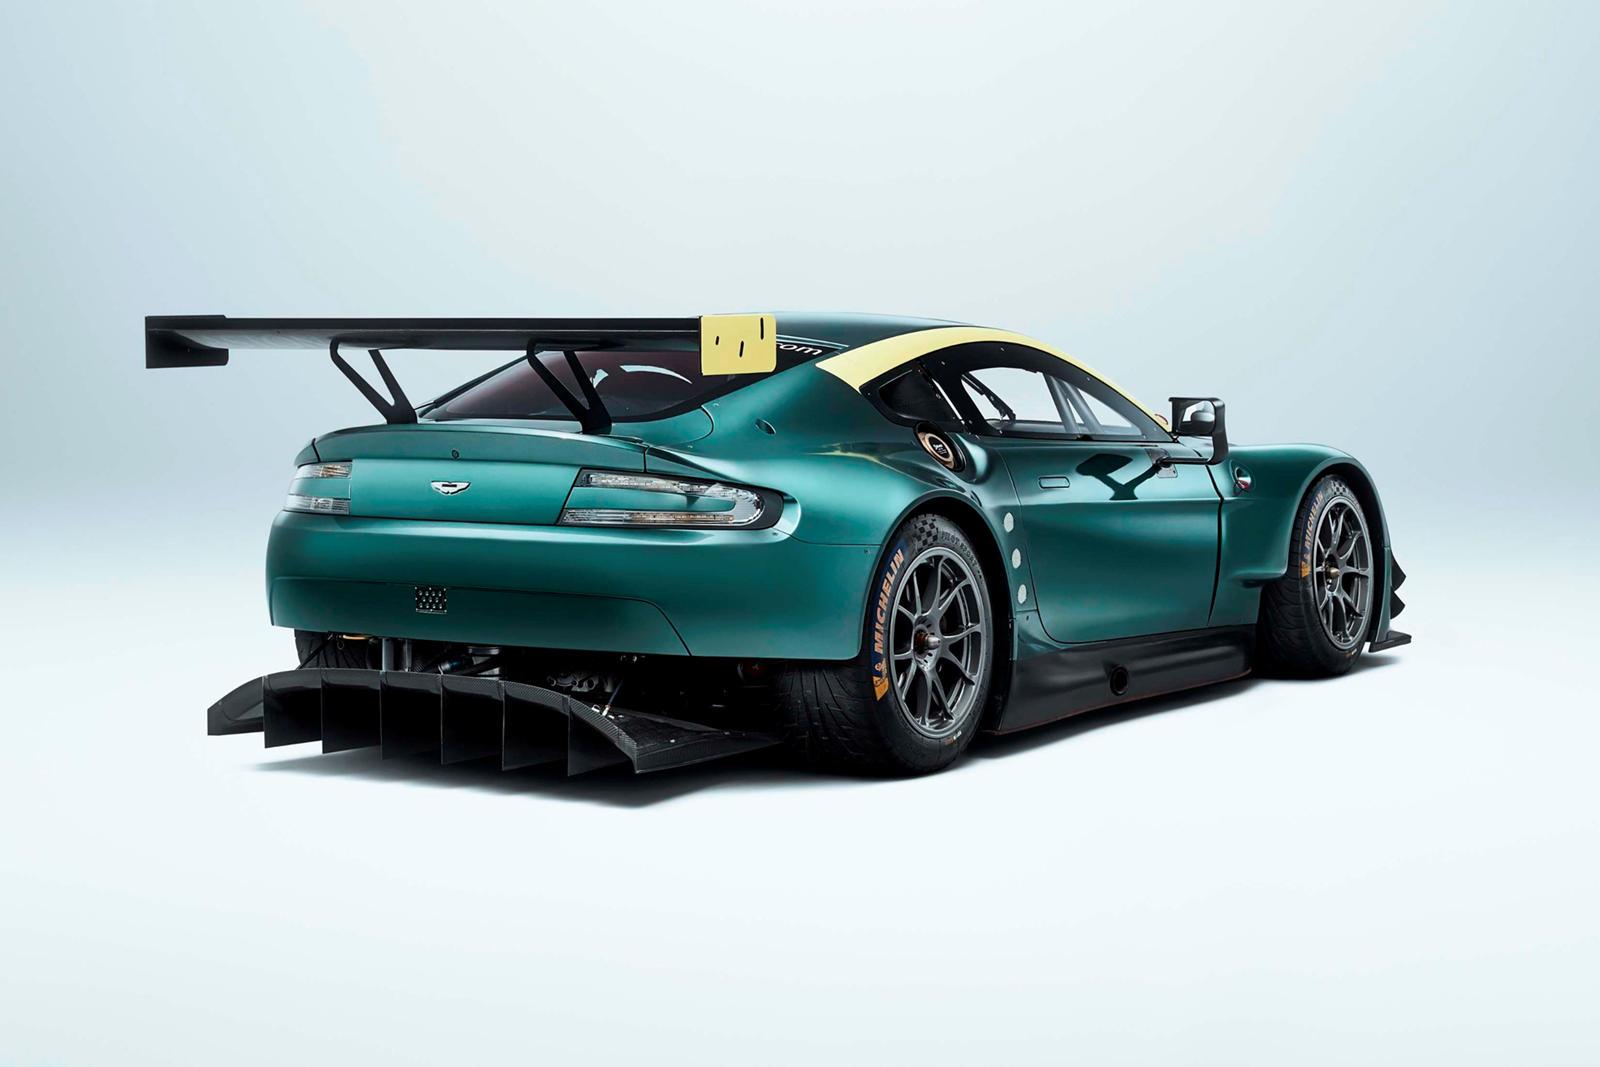 Коллекцию Vantage Legacy составляют победившие в Ле-Мане V8 Vantage GTE, V12 Vantage GT3 и Vantage GT4. Каждый гоночный автомобиль был построен в мастерских Aston Martin Racing и может быть куплен только коллекцией из трех автомобилей.